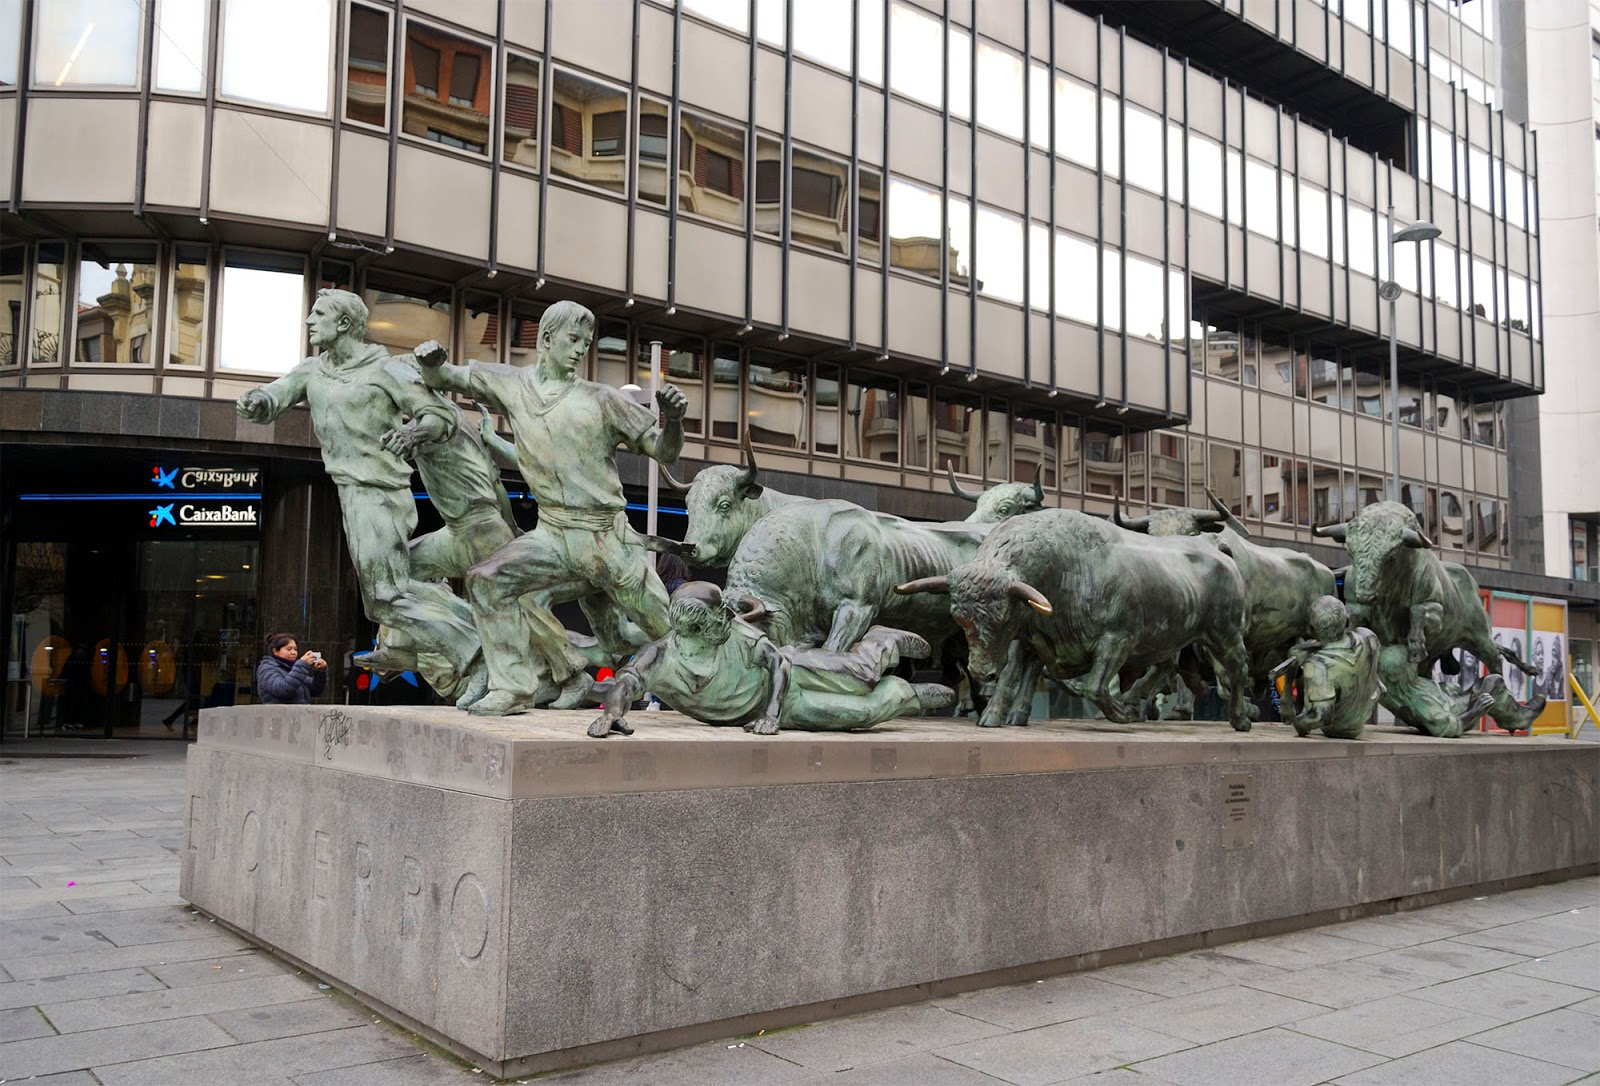 pamplona running bulls statue